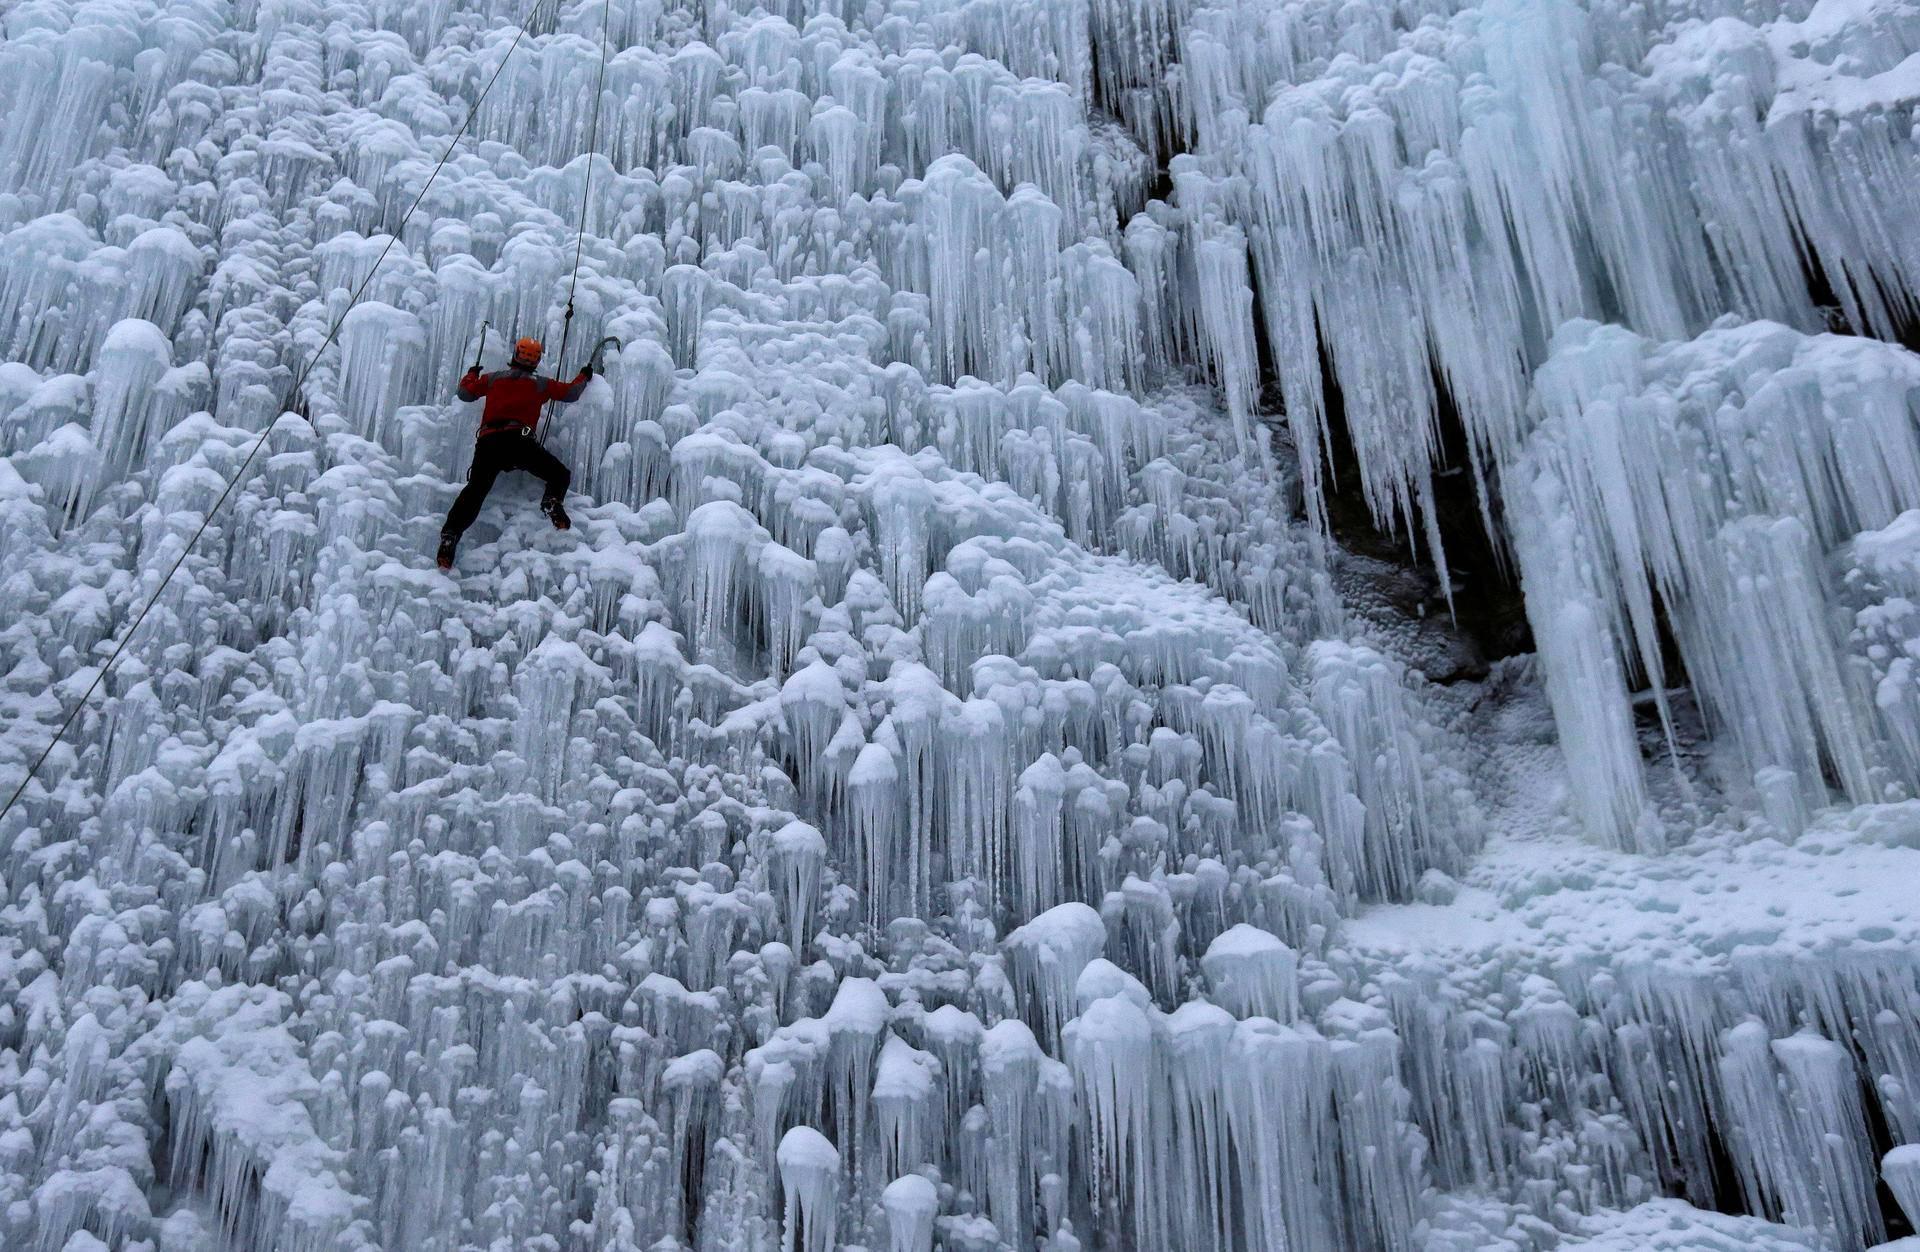 Tšekin Liberecissa voi harrastaa kiipeilya jäästä rakennetulla seinällä.